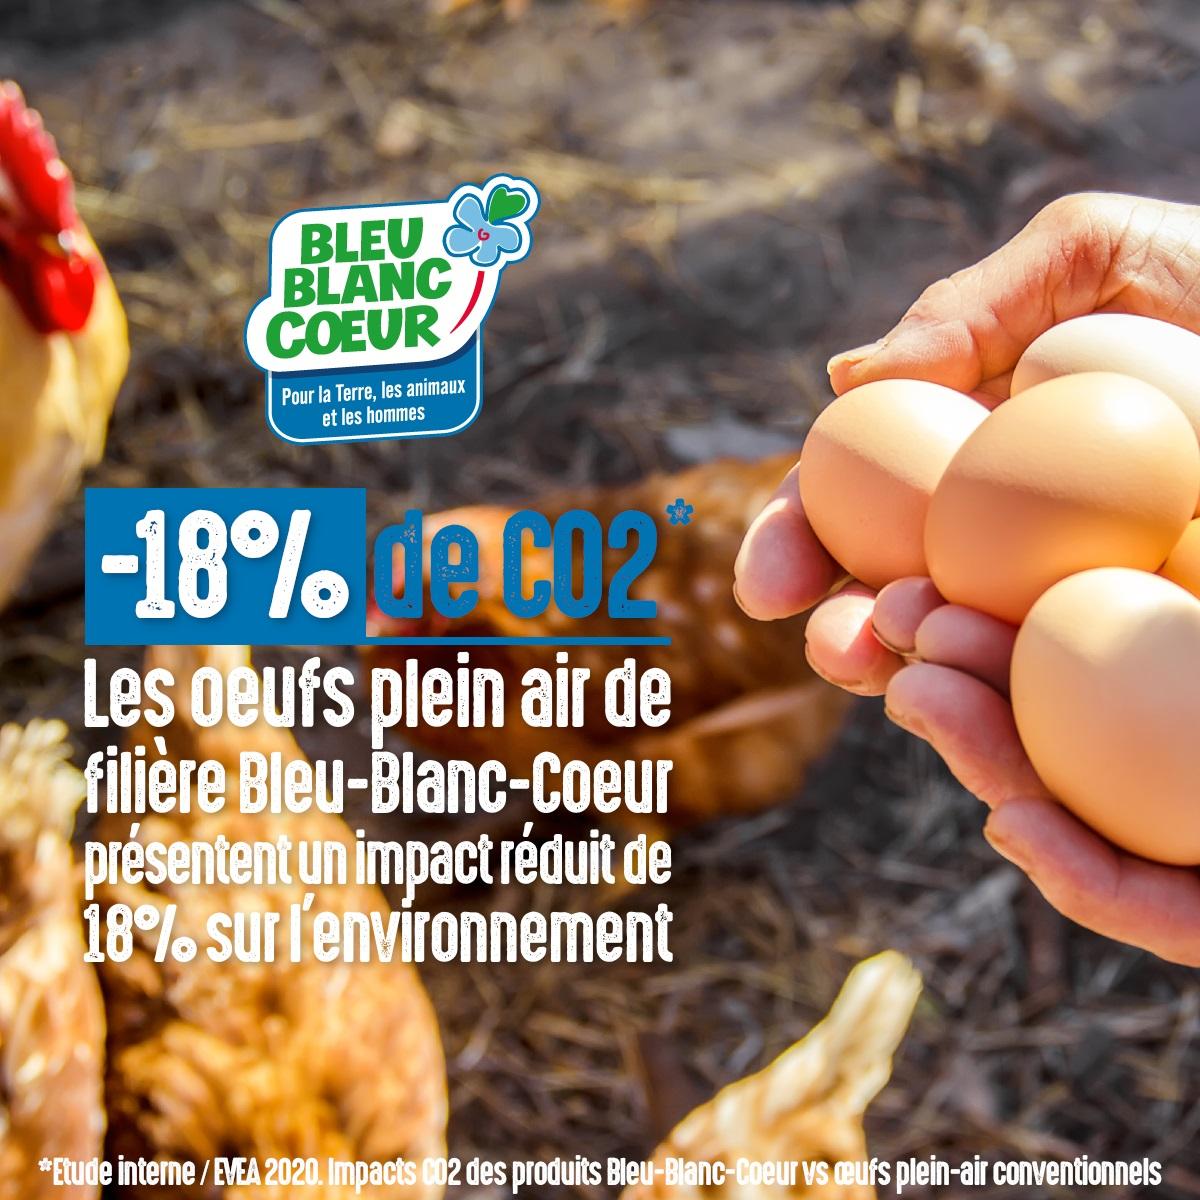 Impact CO2 des oeufs Bleu-Blanc-Coeur